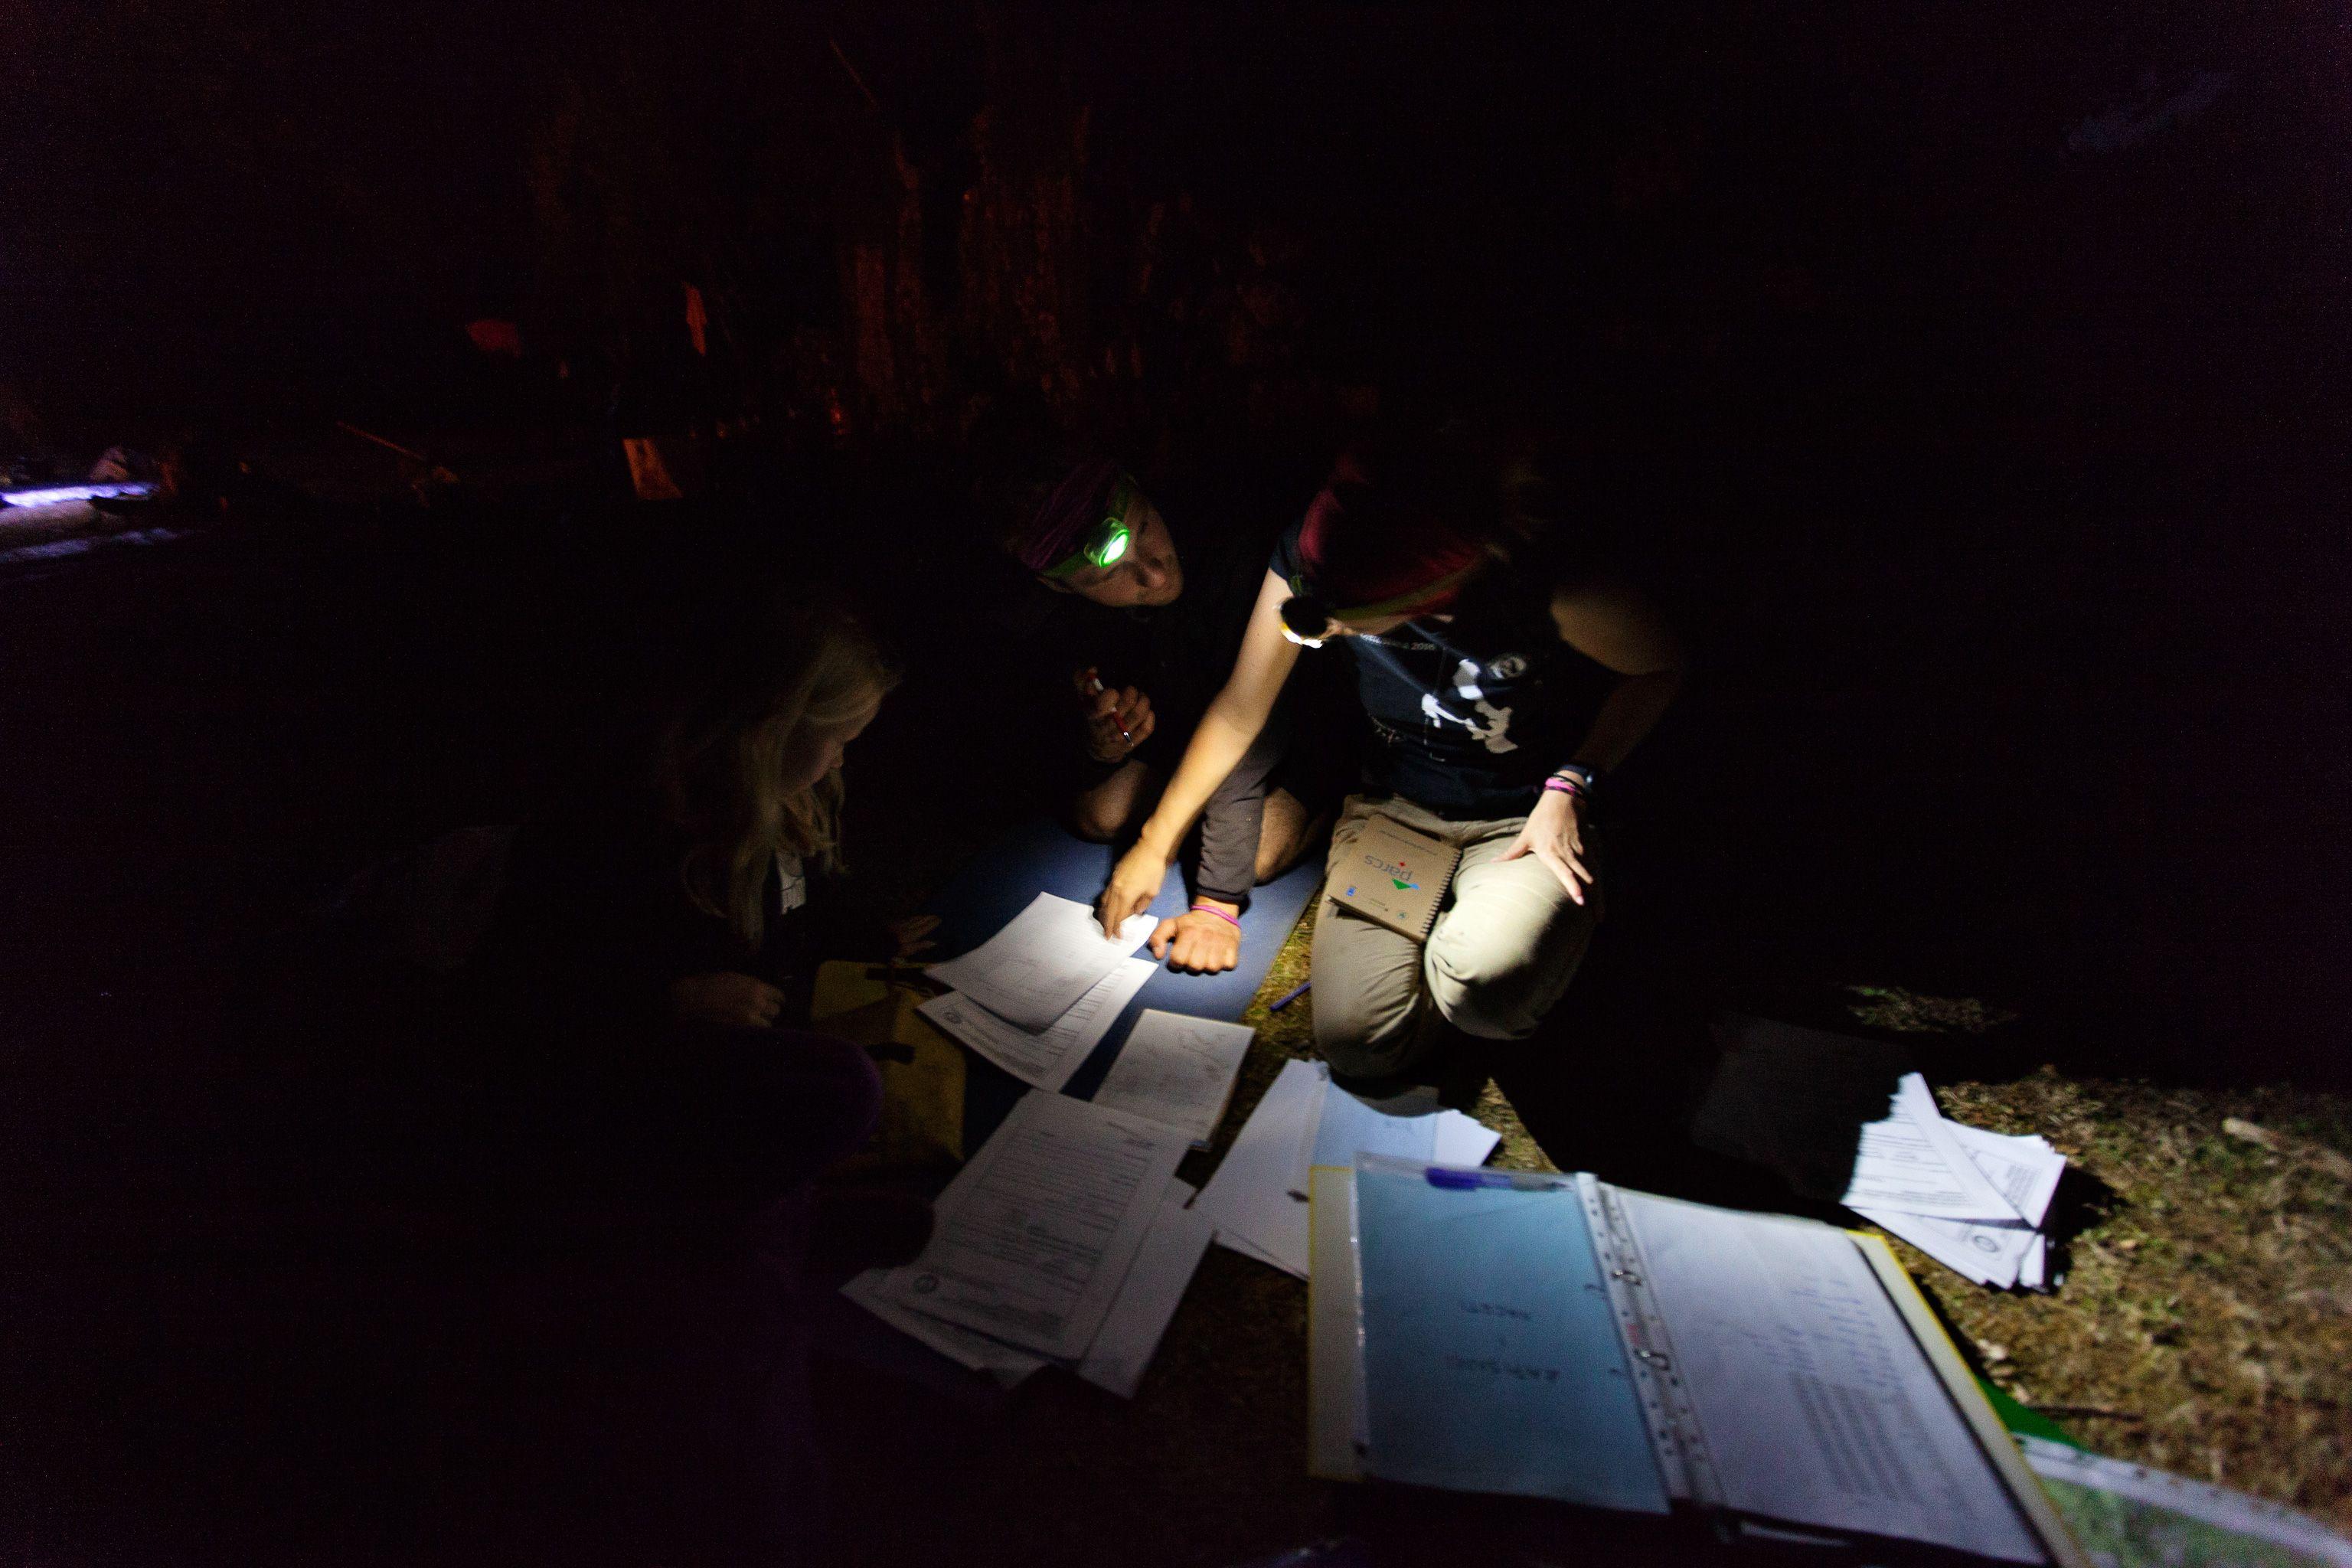 Ispunjavanje zapisnika i izvještaje (foto: G.Kervina)